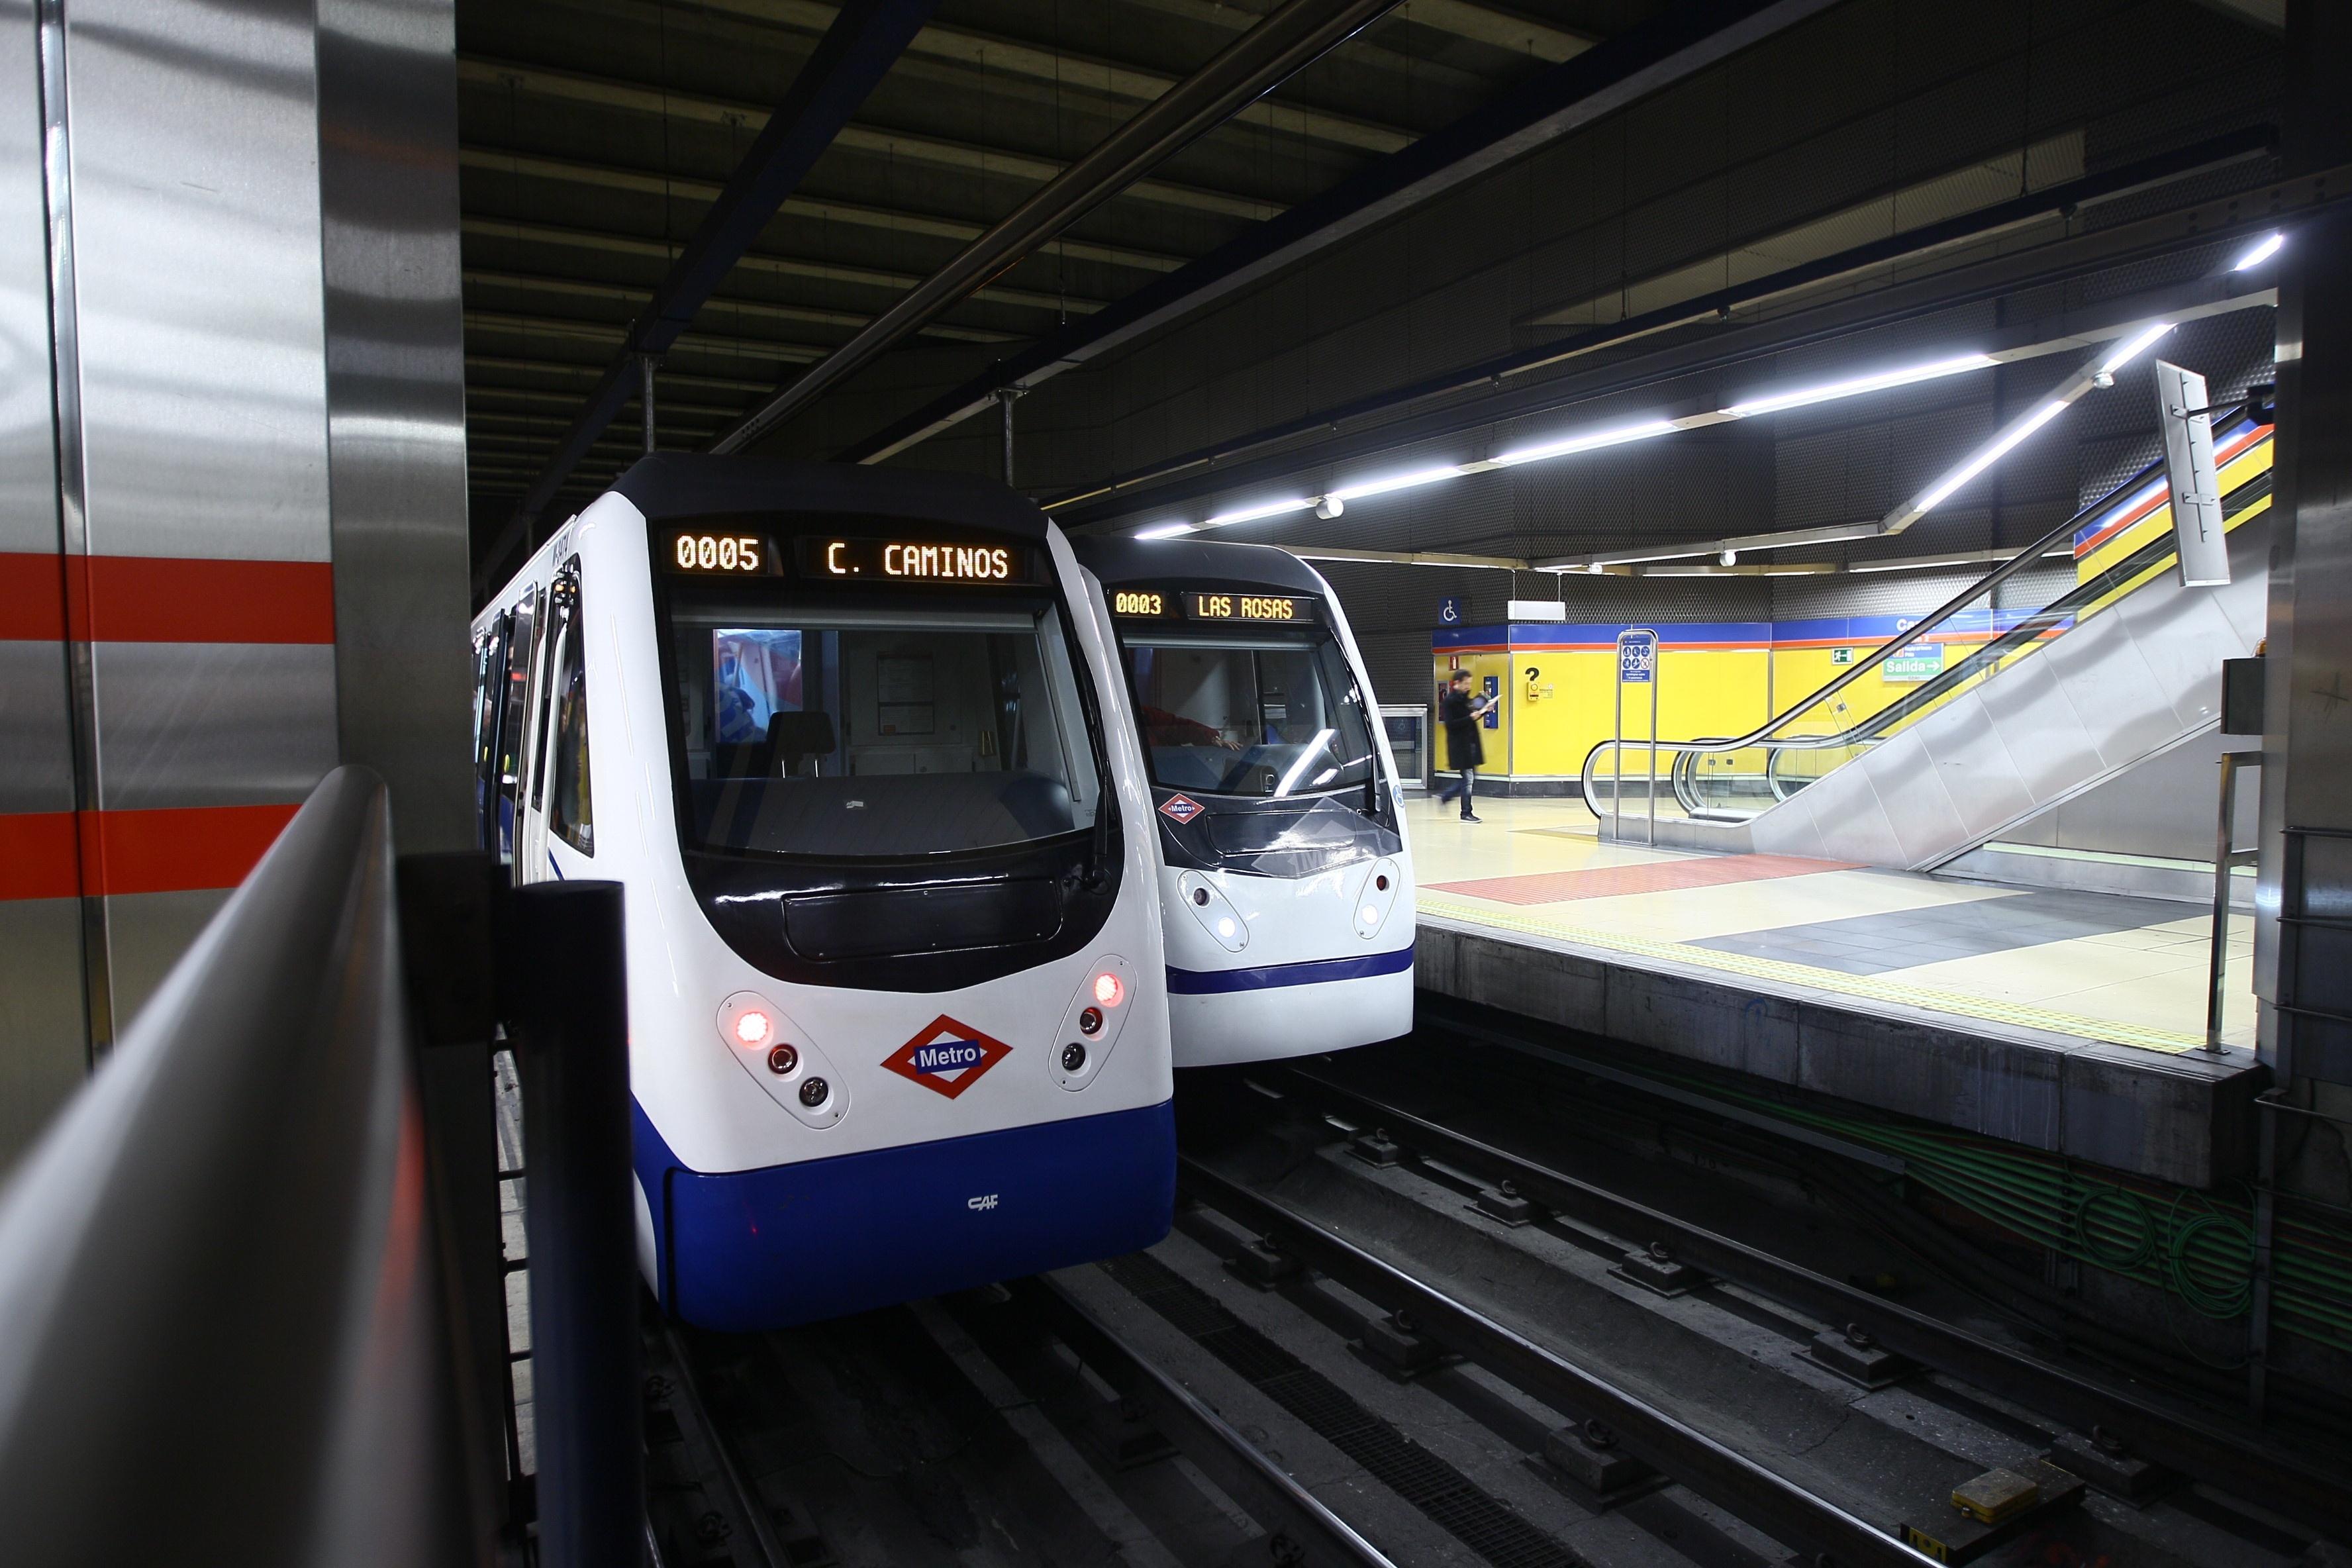 Interrumpido el tráfico de trenes entre las estaciones de Legazpi y Méndez Álvaro